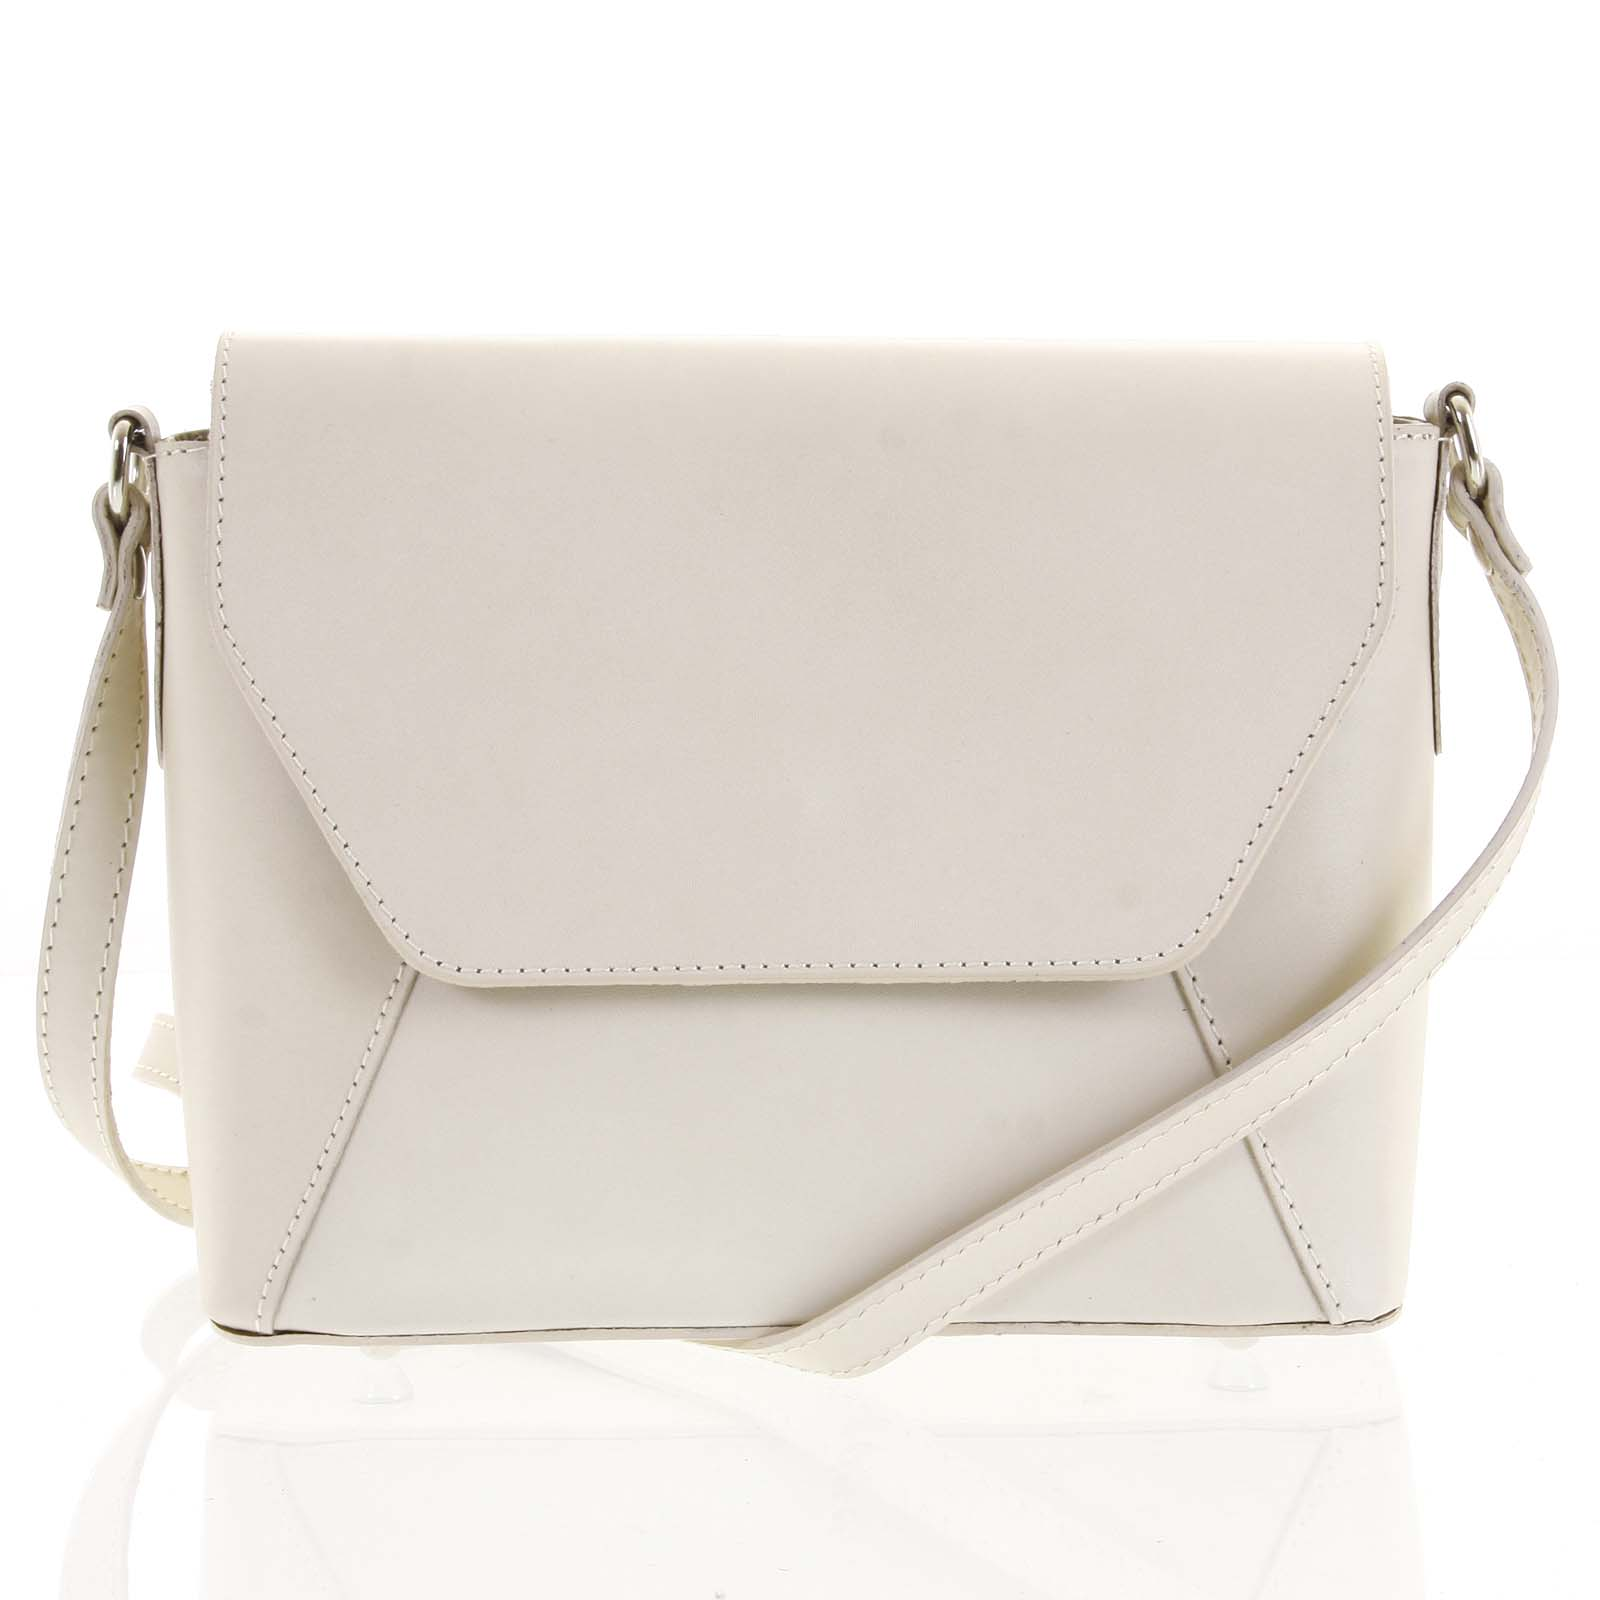 Béžová dámská kožená crossbody kabelka - ItalY Dunya Two